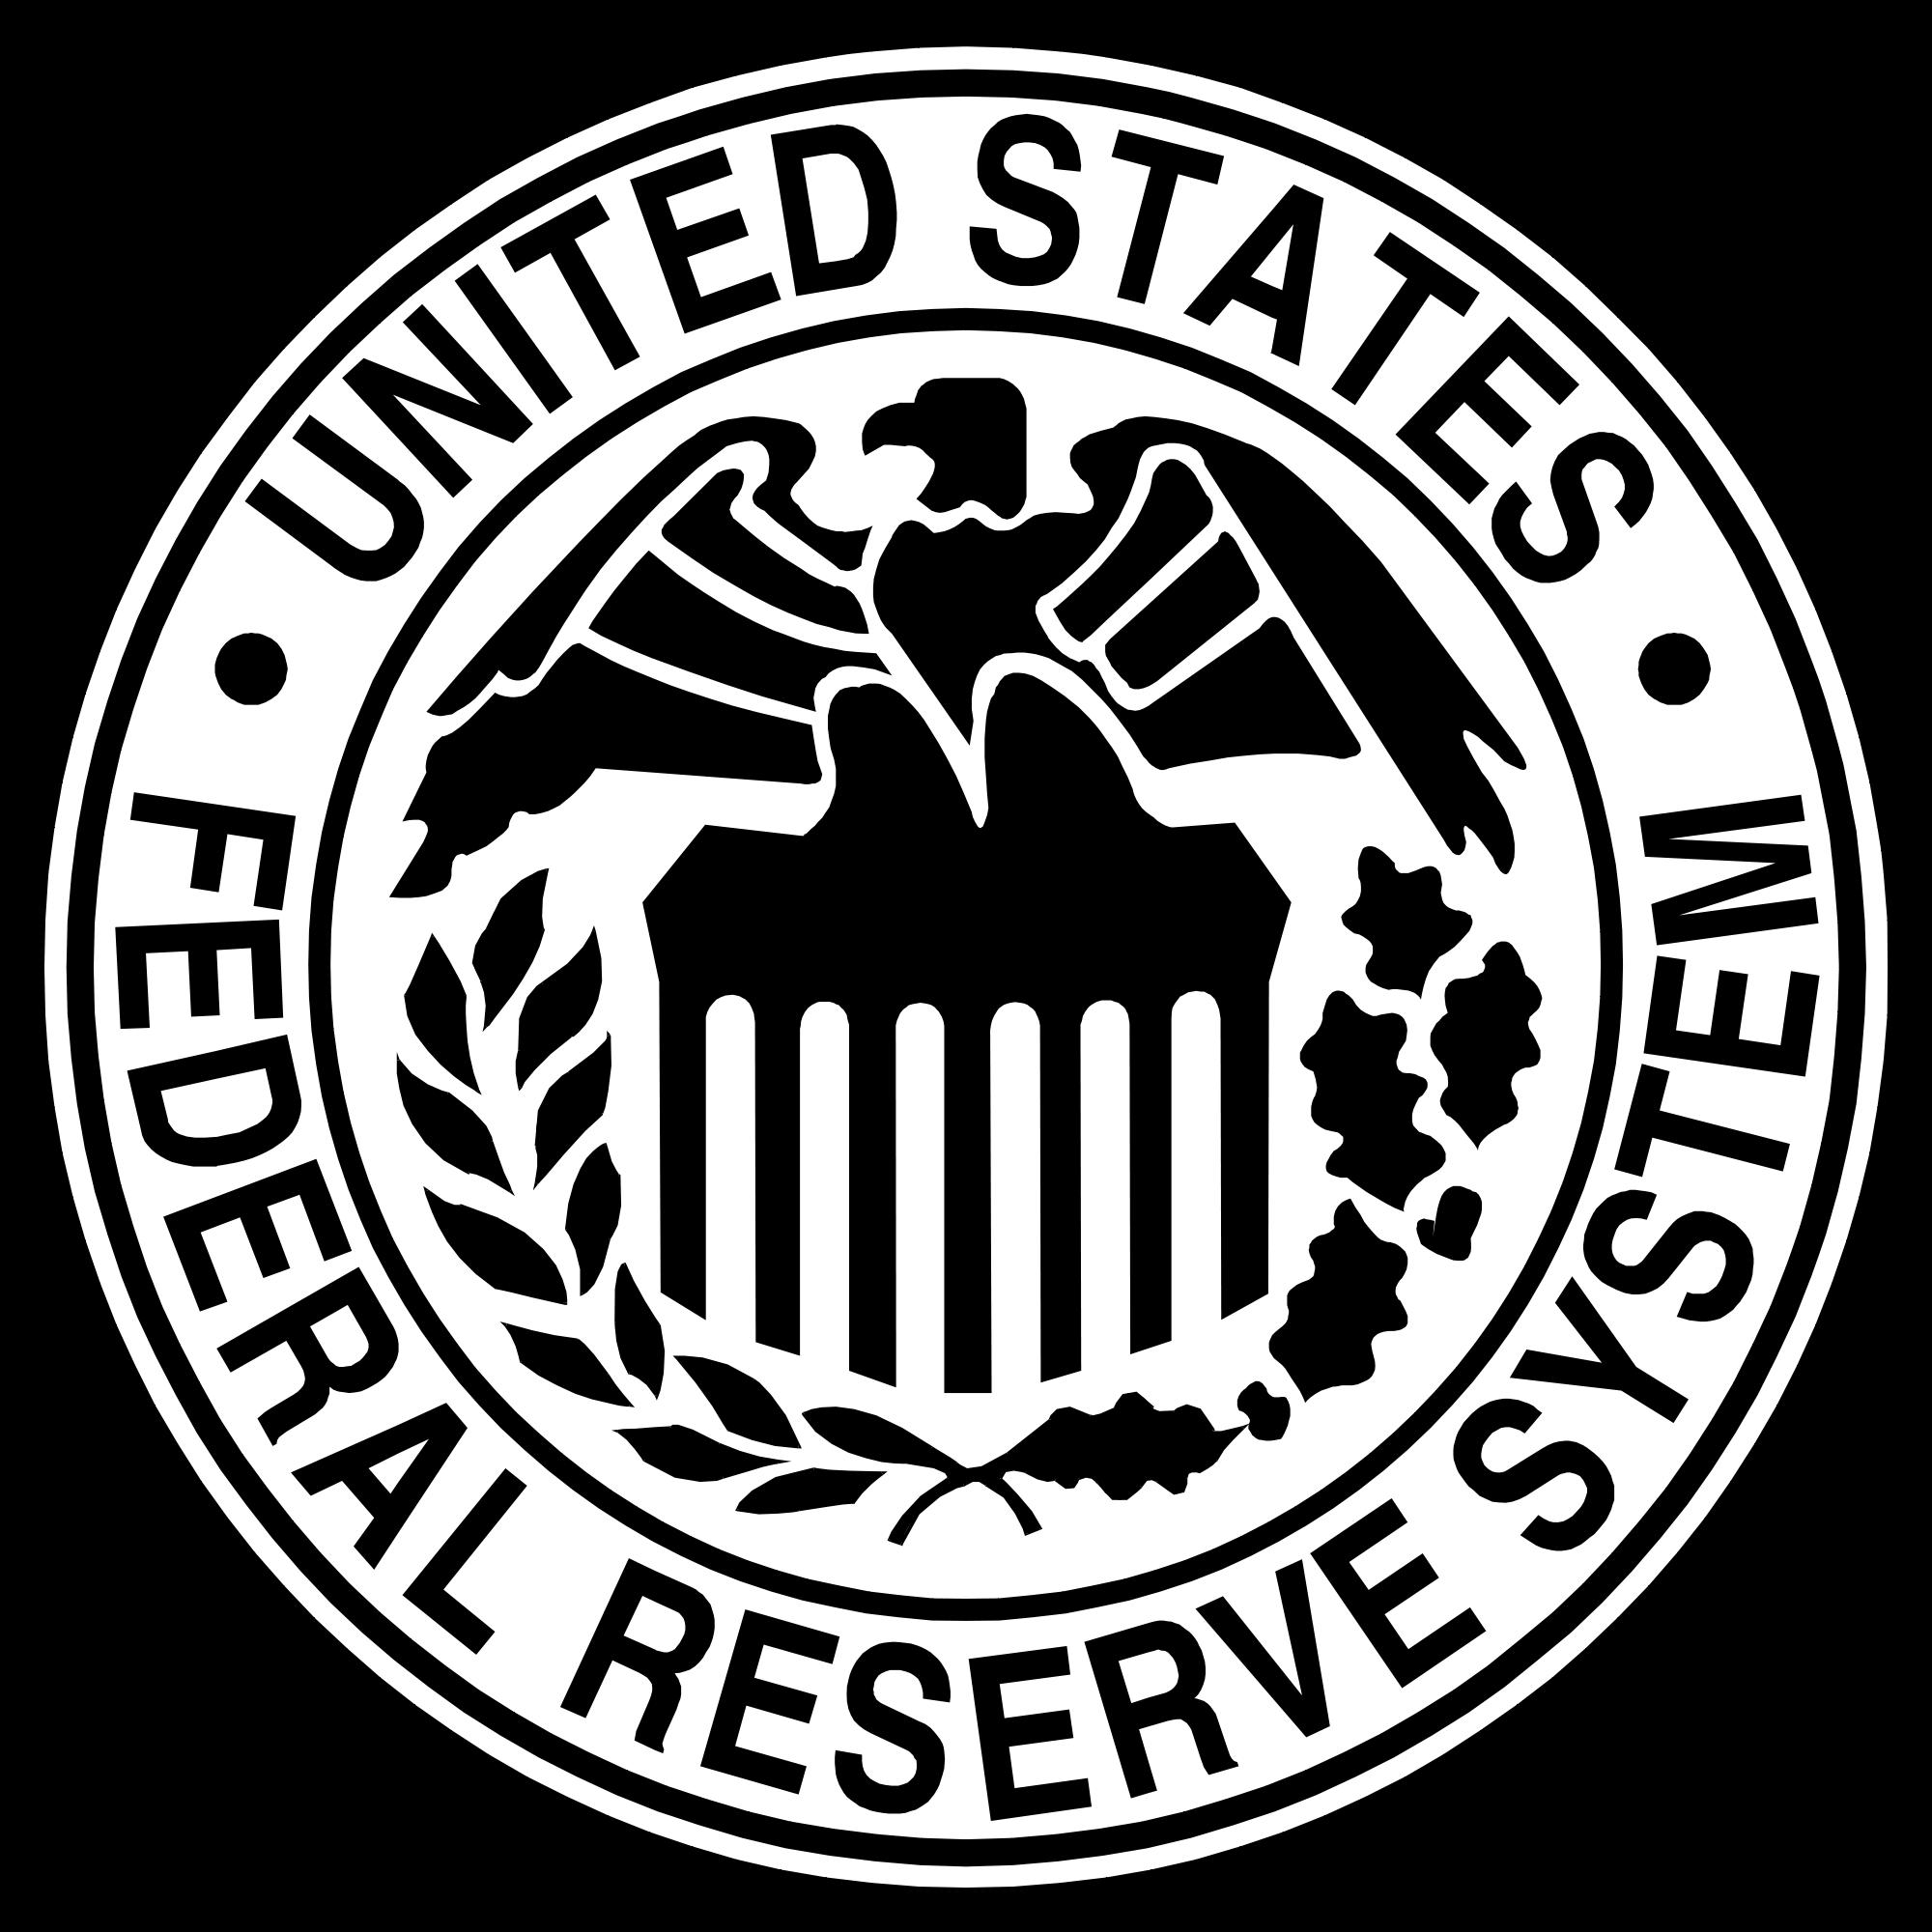 النظام الفيدرالي